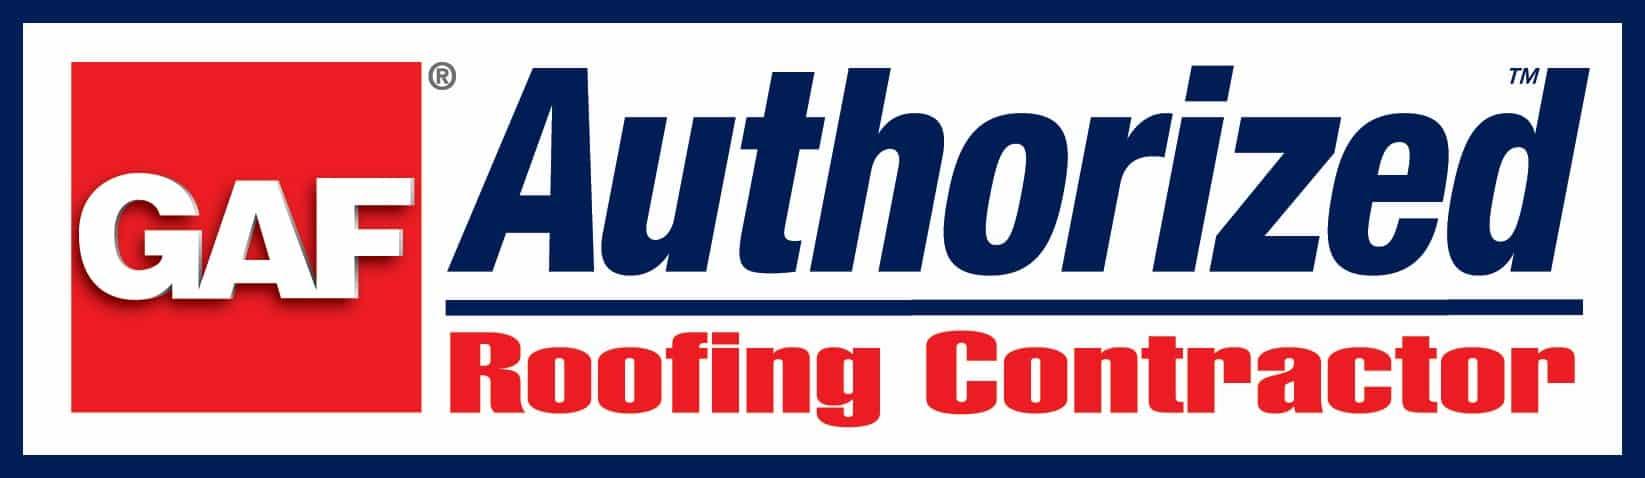 Shavano Park Roofing Contractor